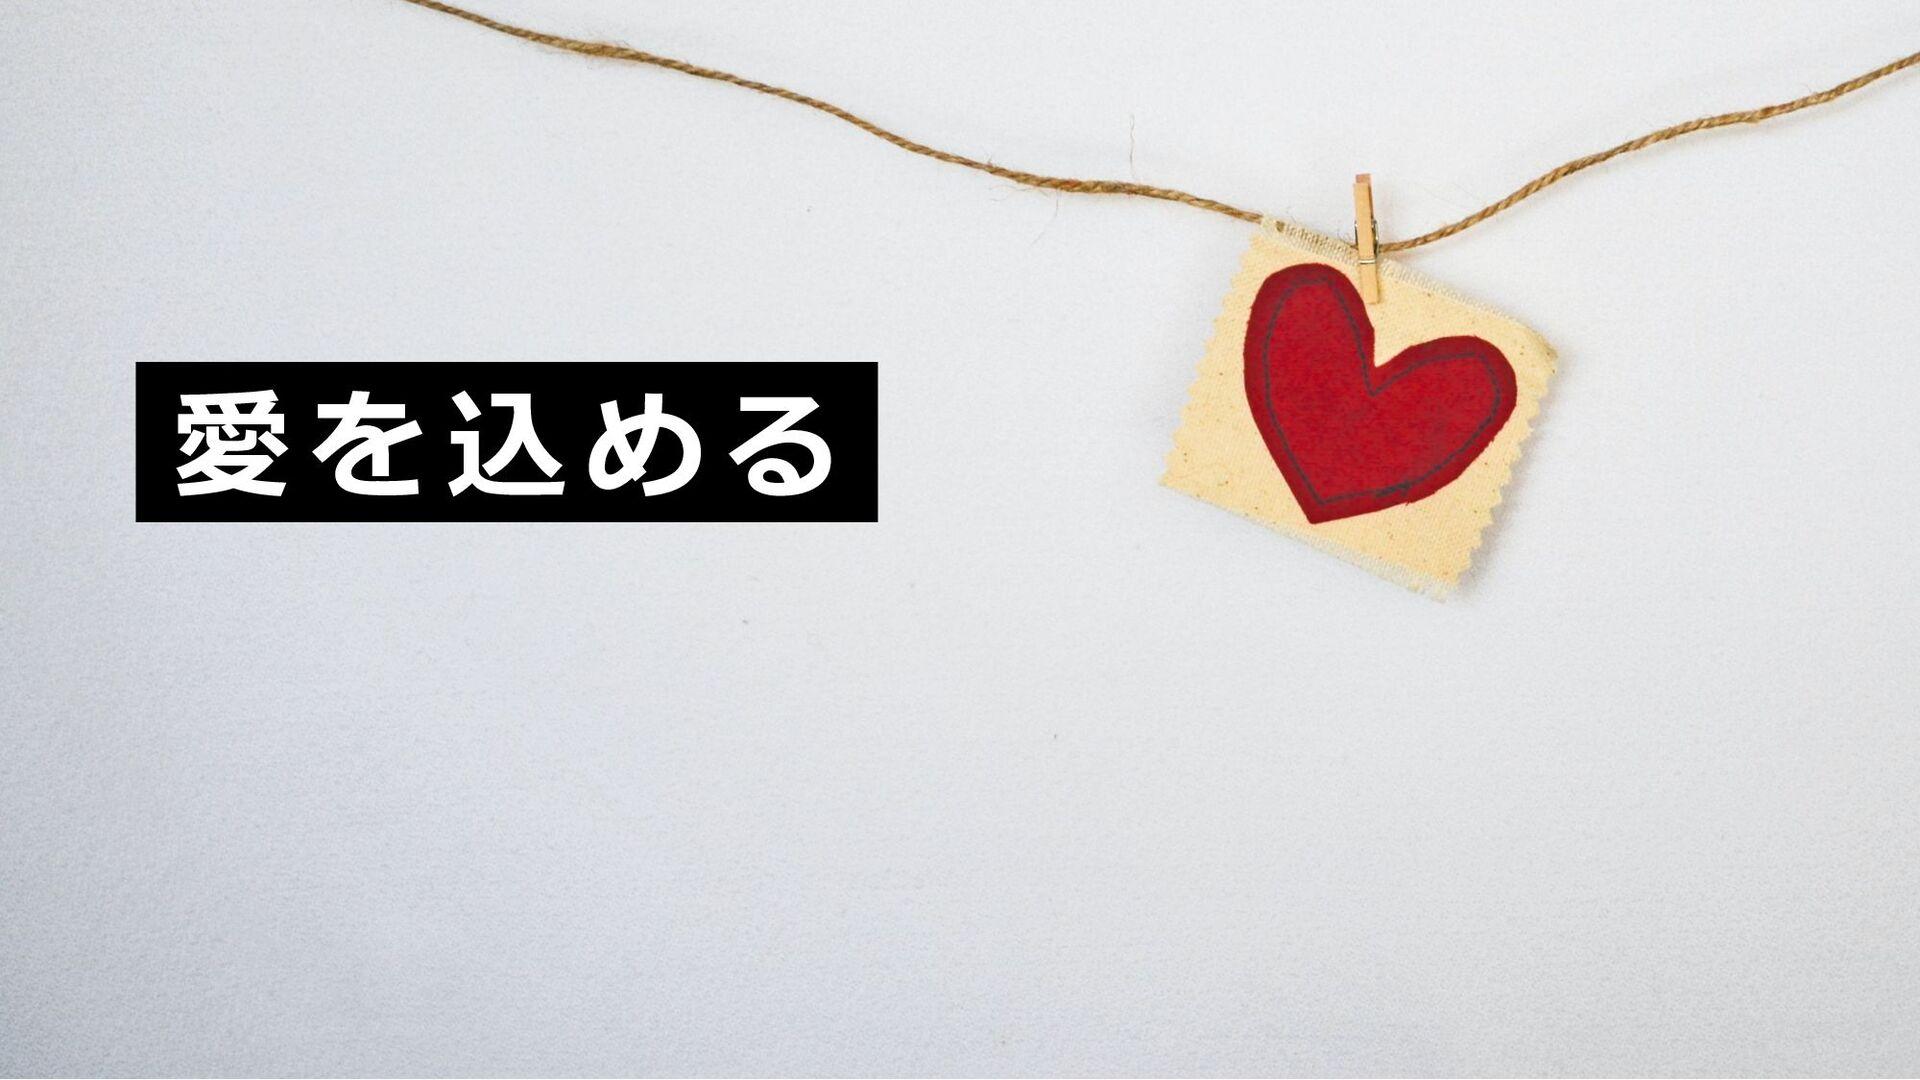 2. 事業紹介 – シゴトレ 提供トレーニング(⼀部) ユーザーさんに合わせてカスタマイズ提供...